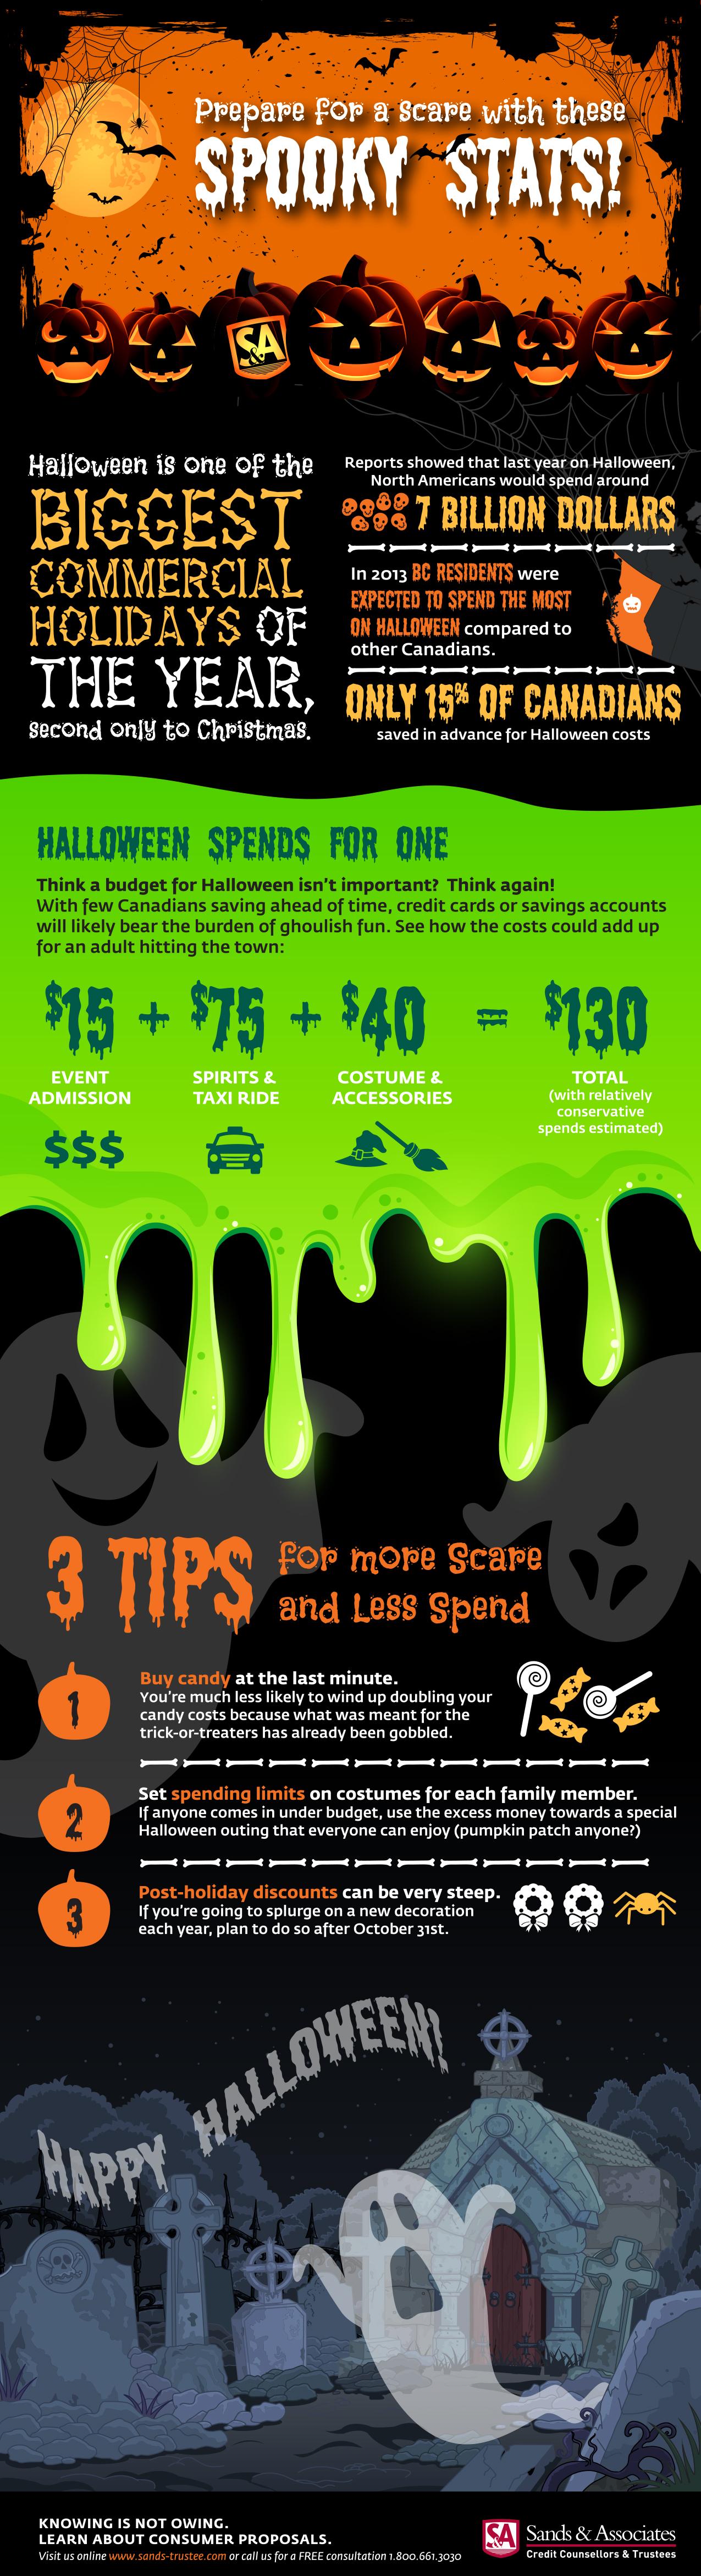 Halloween Spending Infographic - Sands & Associates